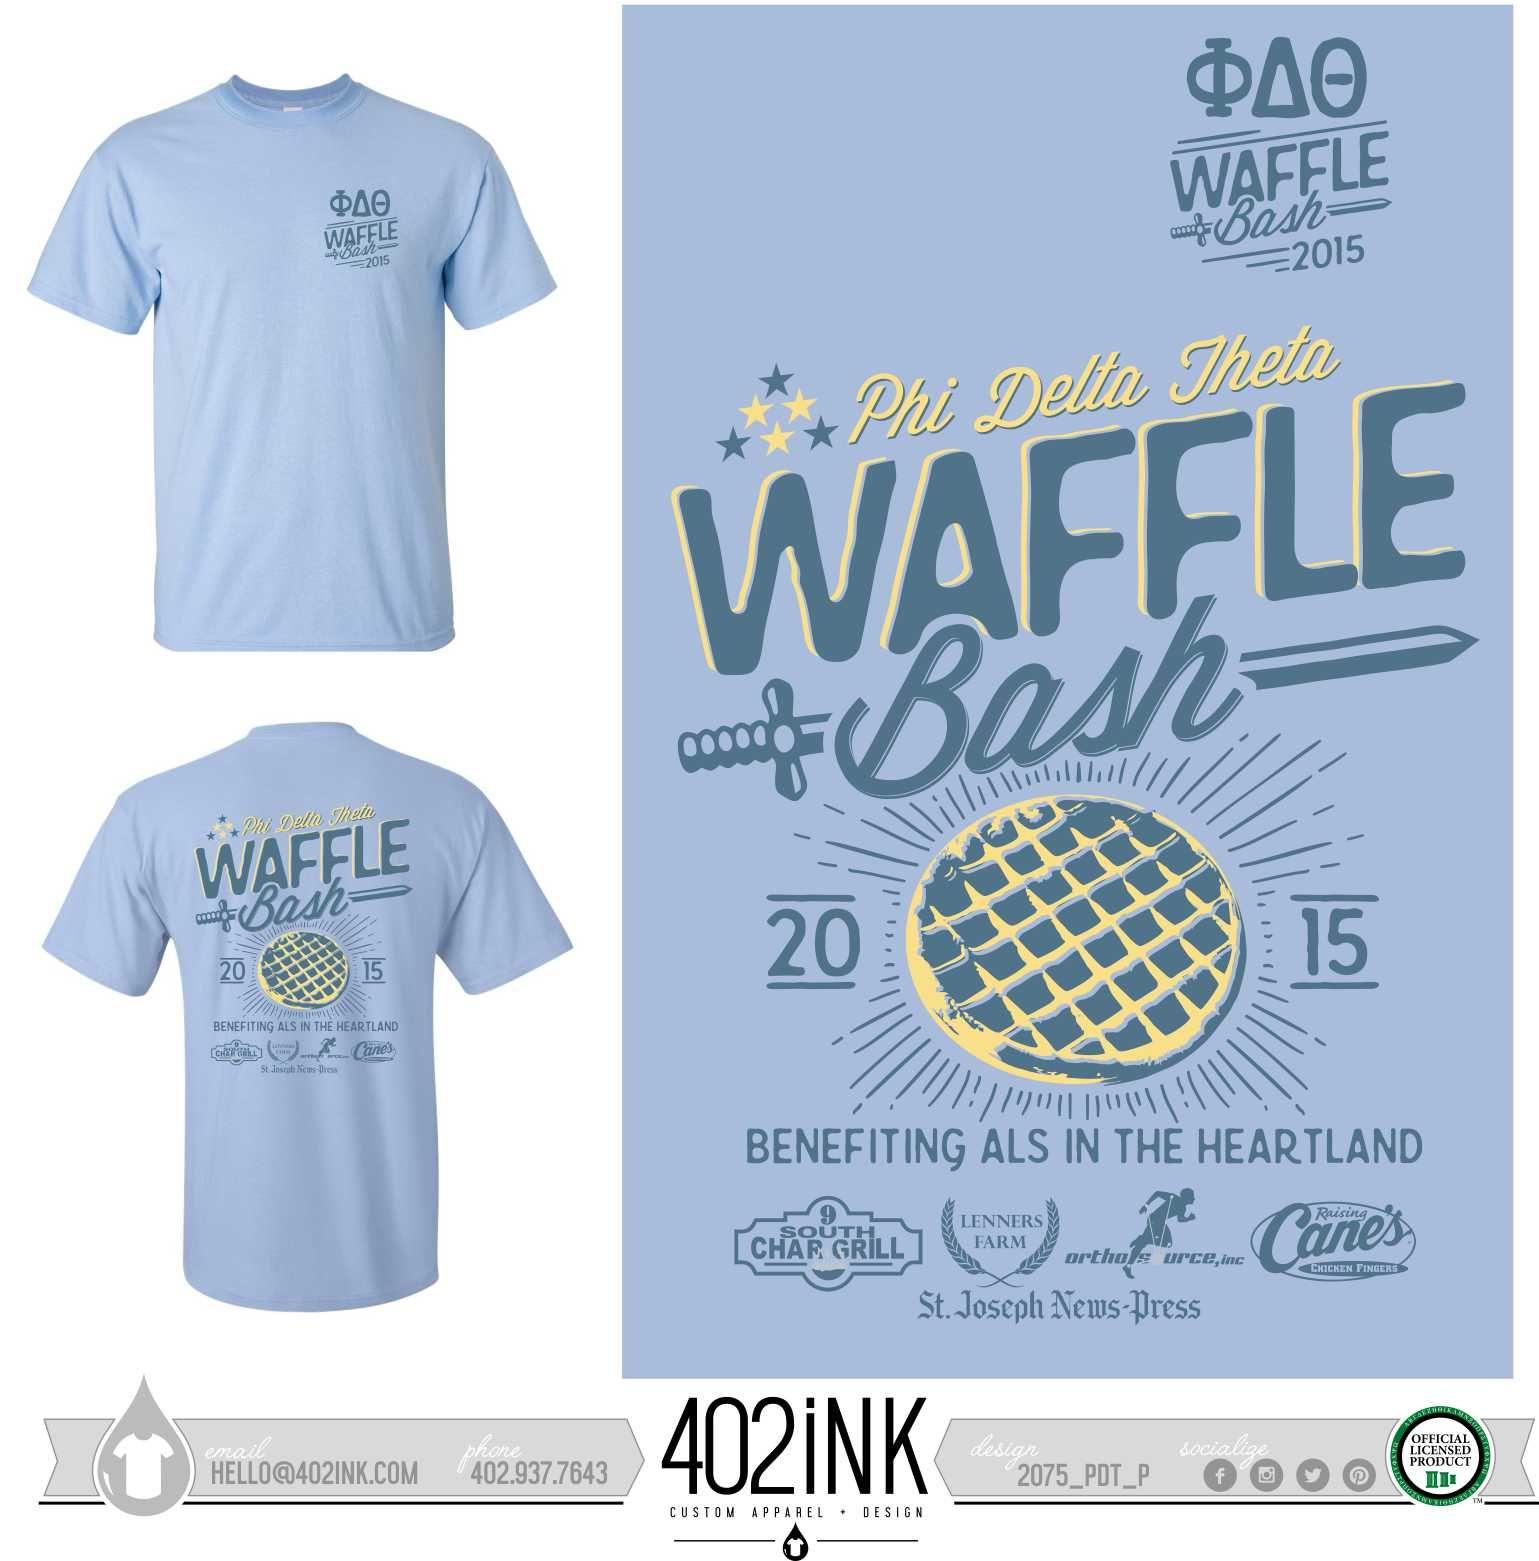 efee8c0b #402ink #402style 402ink, Custom Apparel, Greek T-shirts, Sorority T-shirts,  Fraternity T-shirts, Greek Tanks, Custom Greek Apparel, Screen printed  apparel, ...